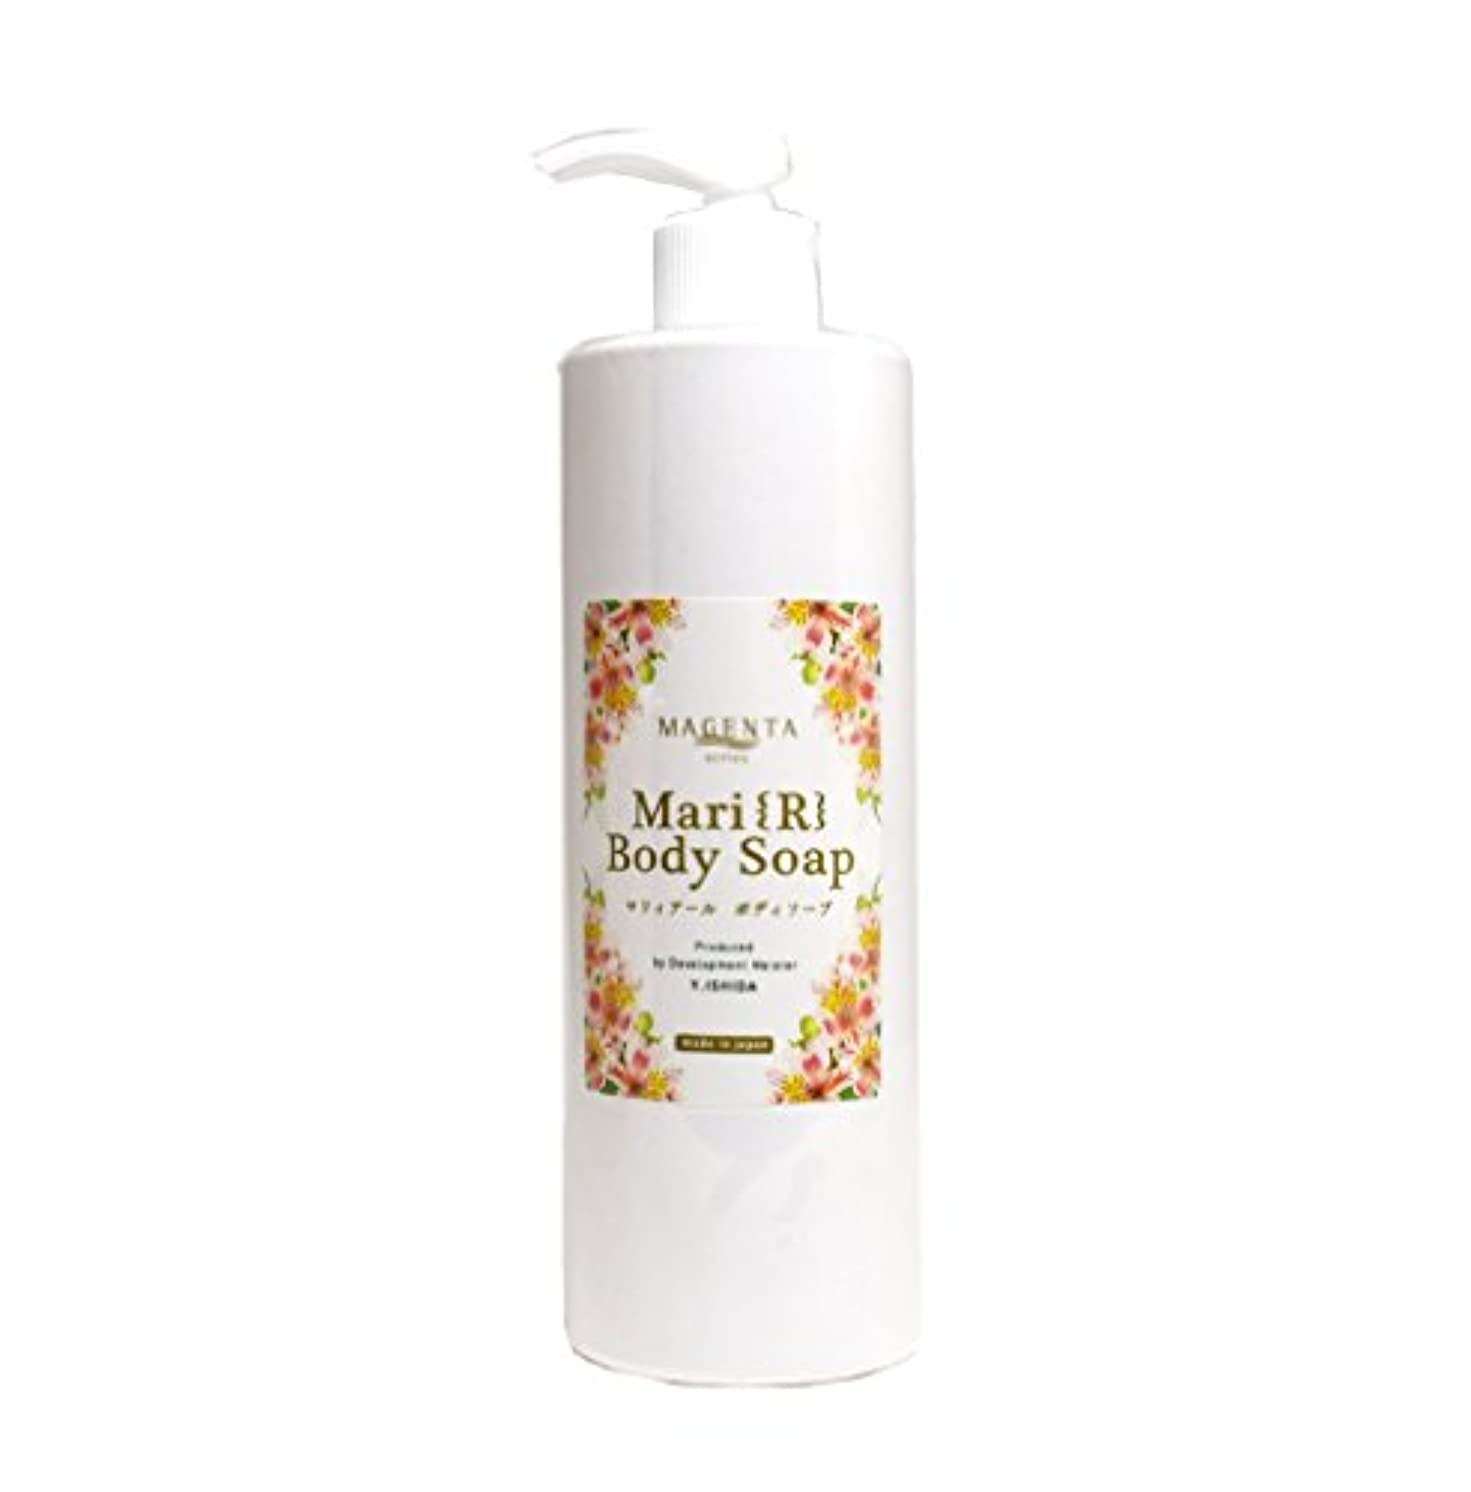 混乱したベール利用可能MAGENTA Mari R Body Soap 400ml マジェンタ マリイアール ボディソープ 日本製